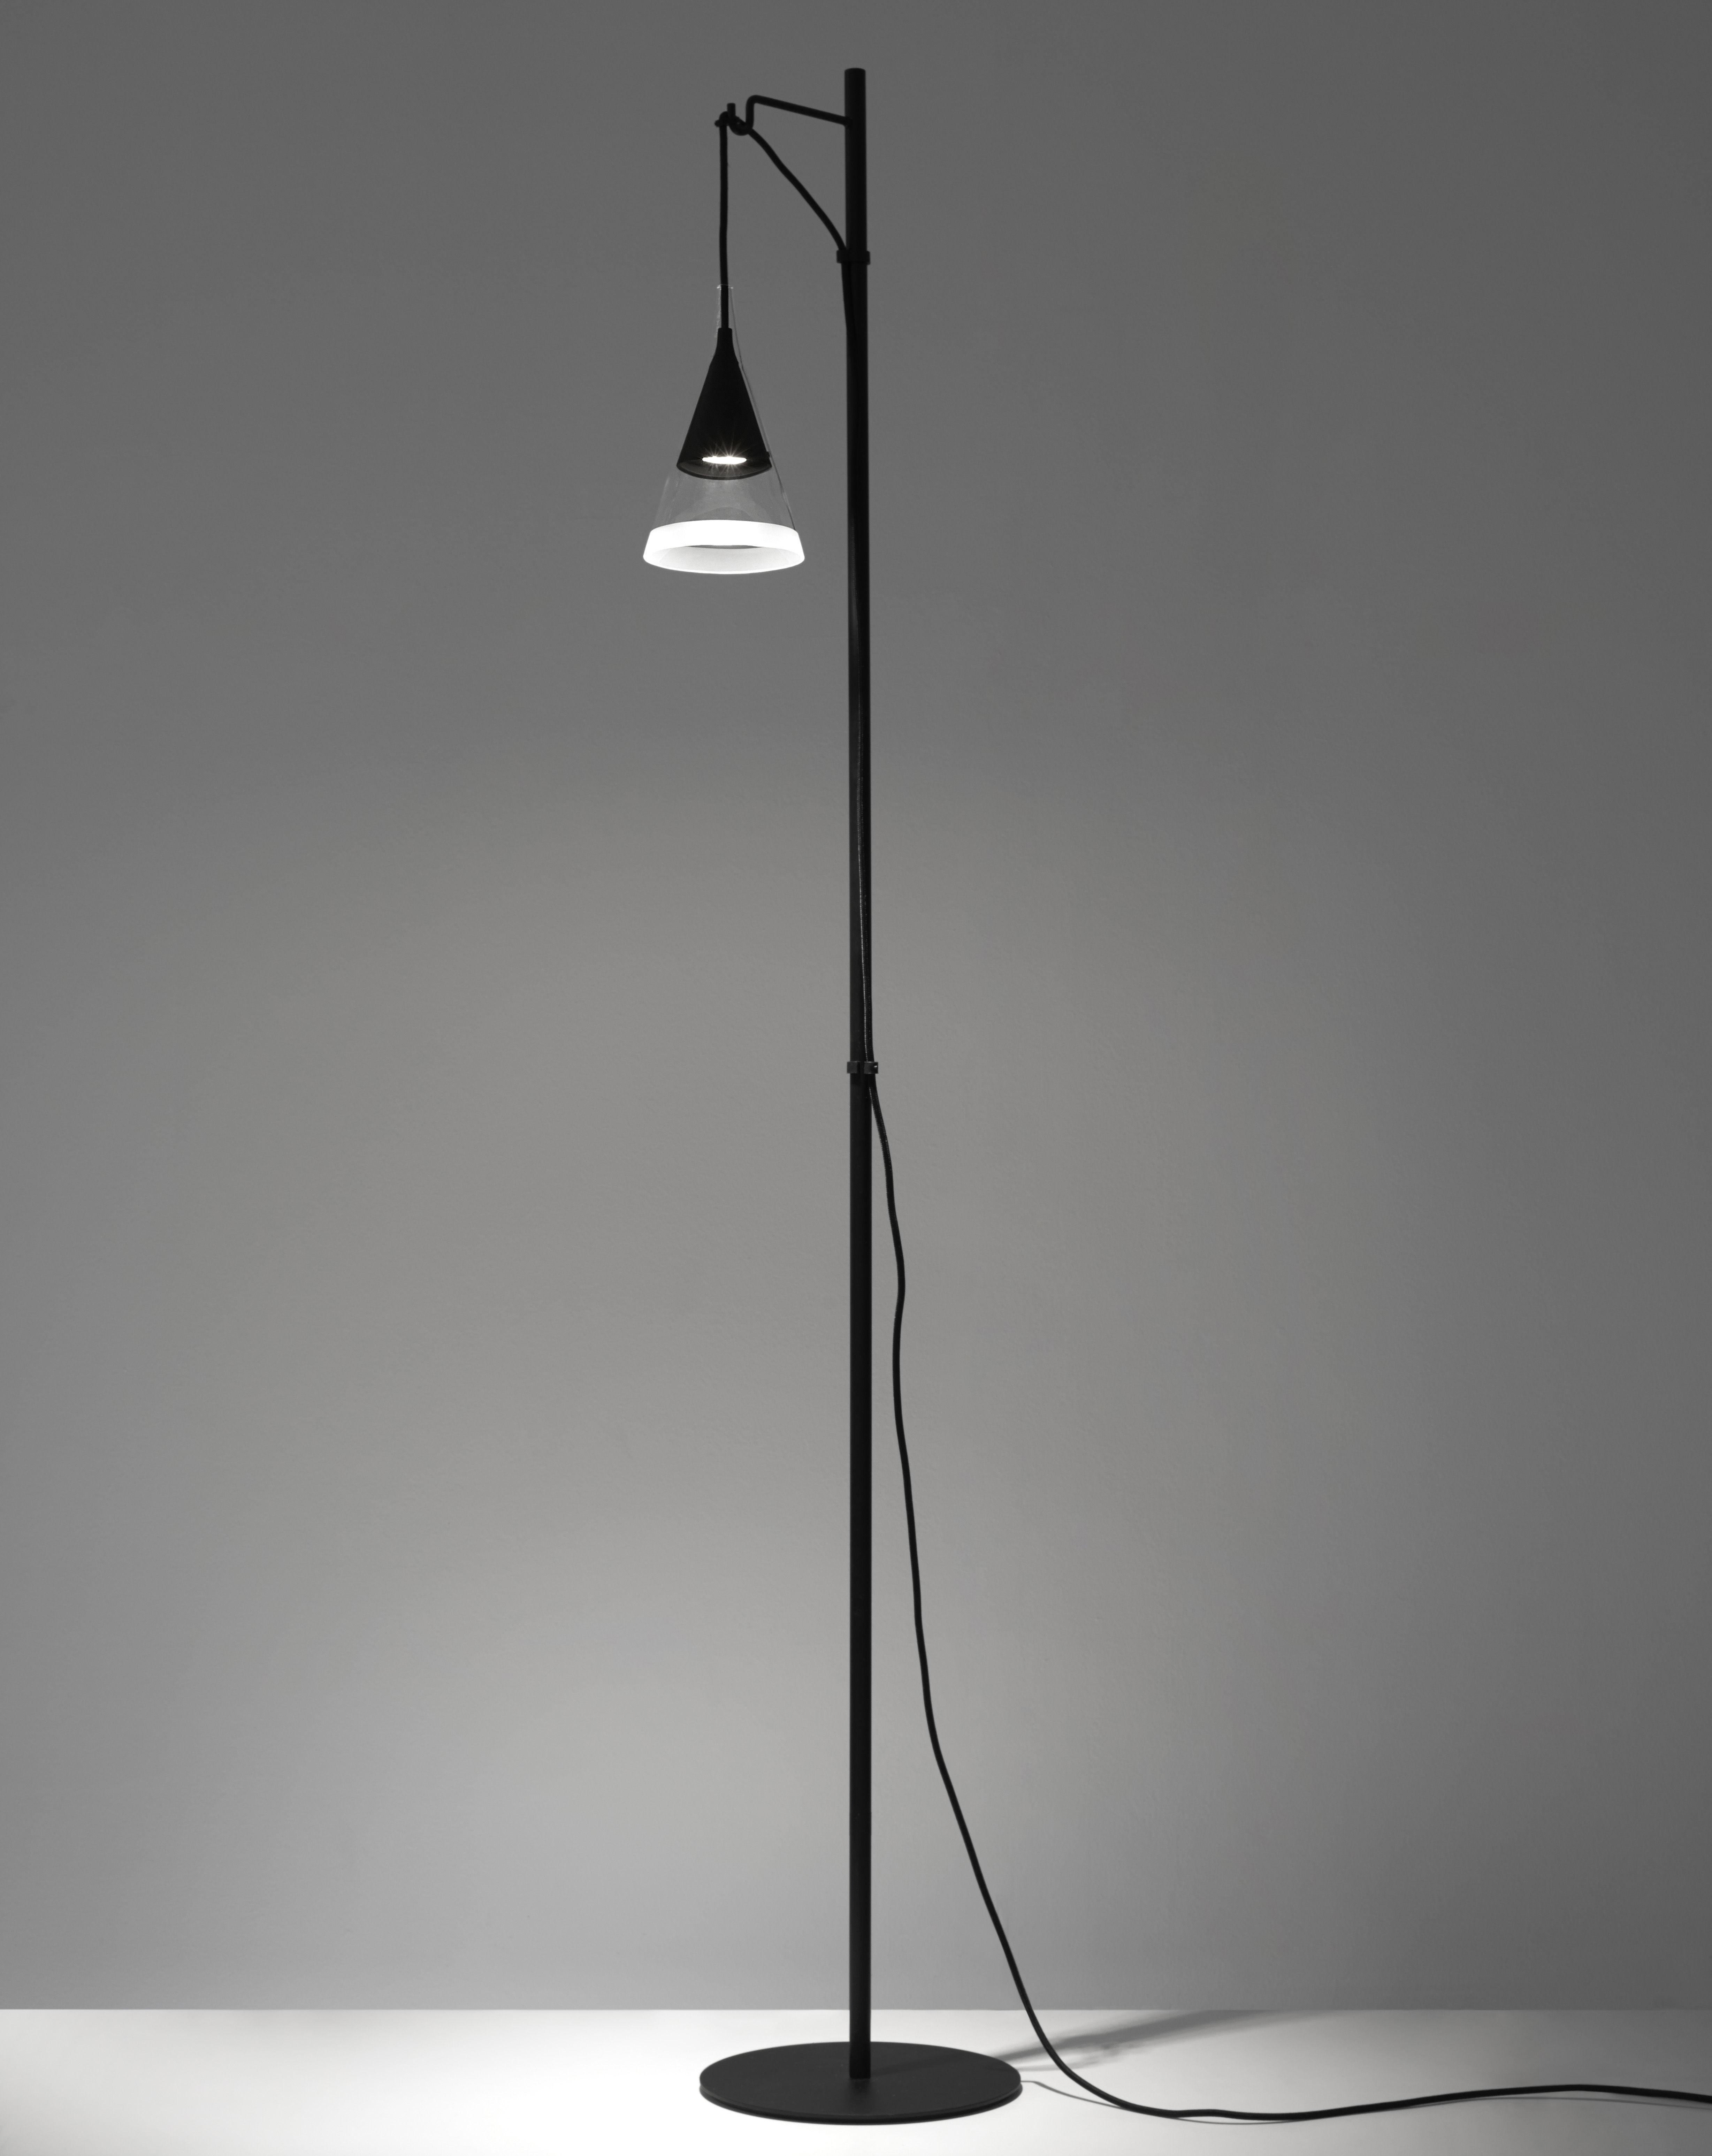 Leuchten - Stehleuchten - Vigo Stehleuchte / LED - Artemide - Schwarz - geblasenes Glas, Metall